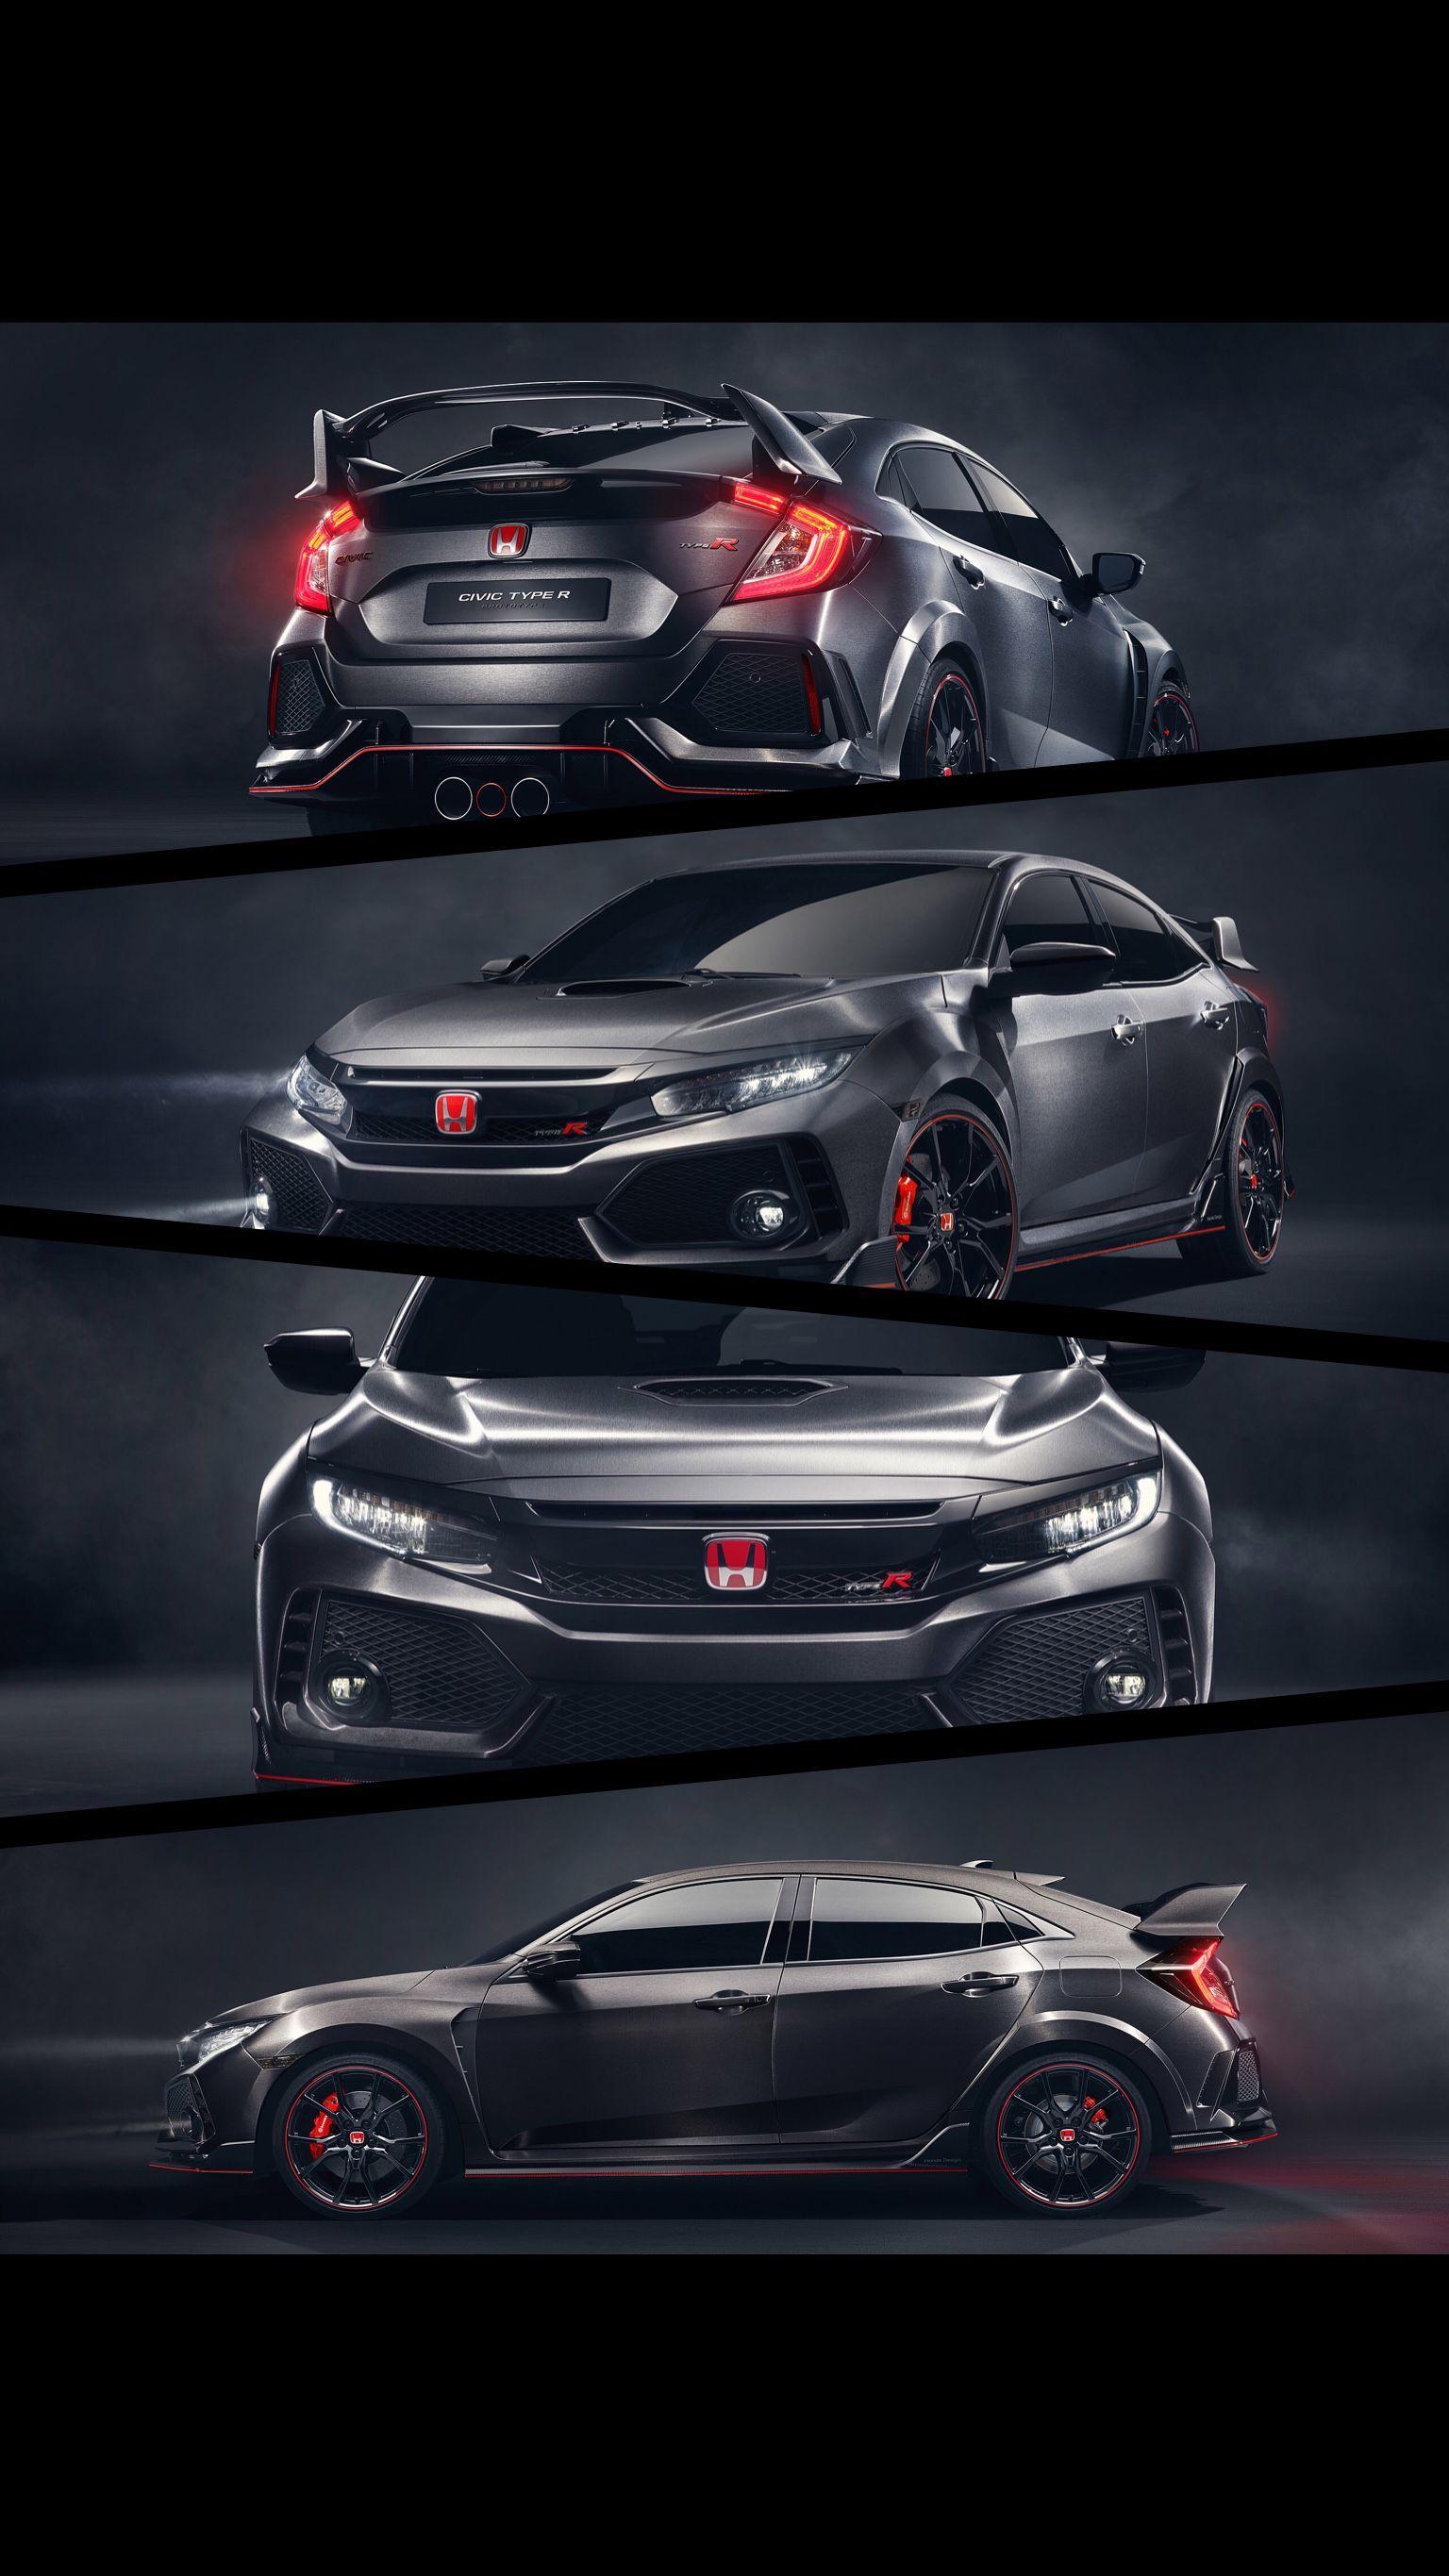 Honda Civic Type R Phone Wallpapers - Wallpaper Cave